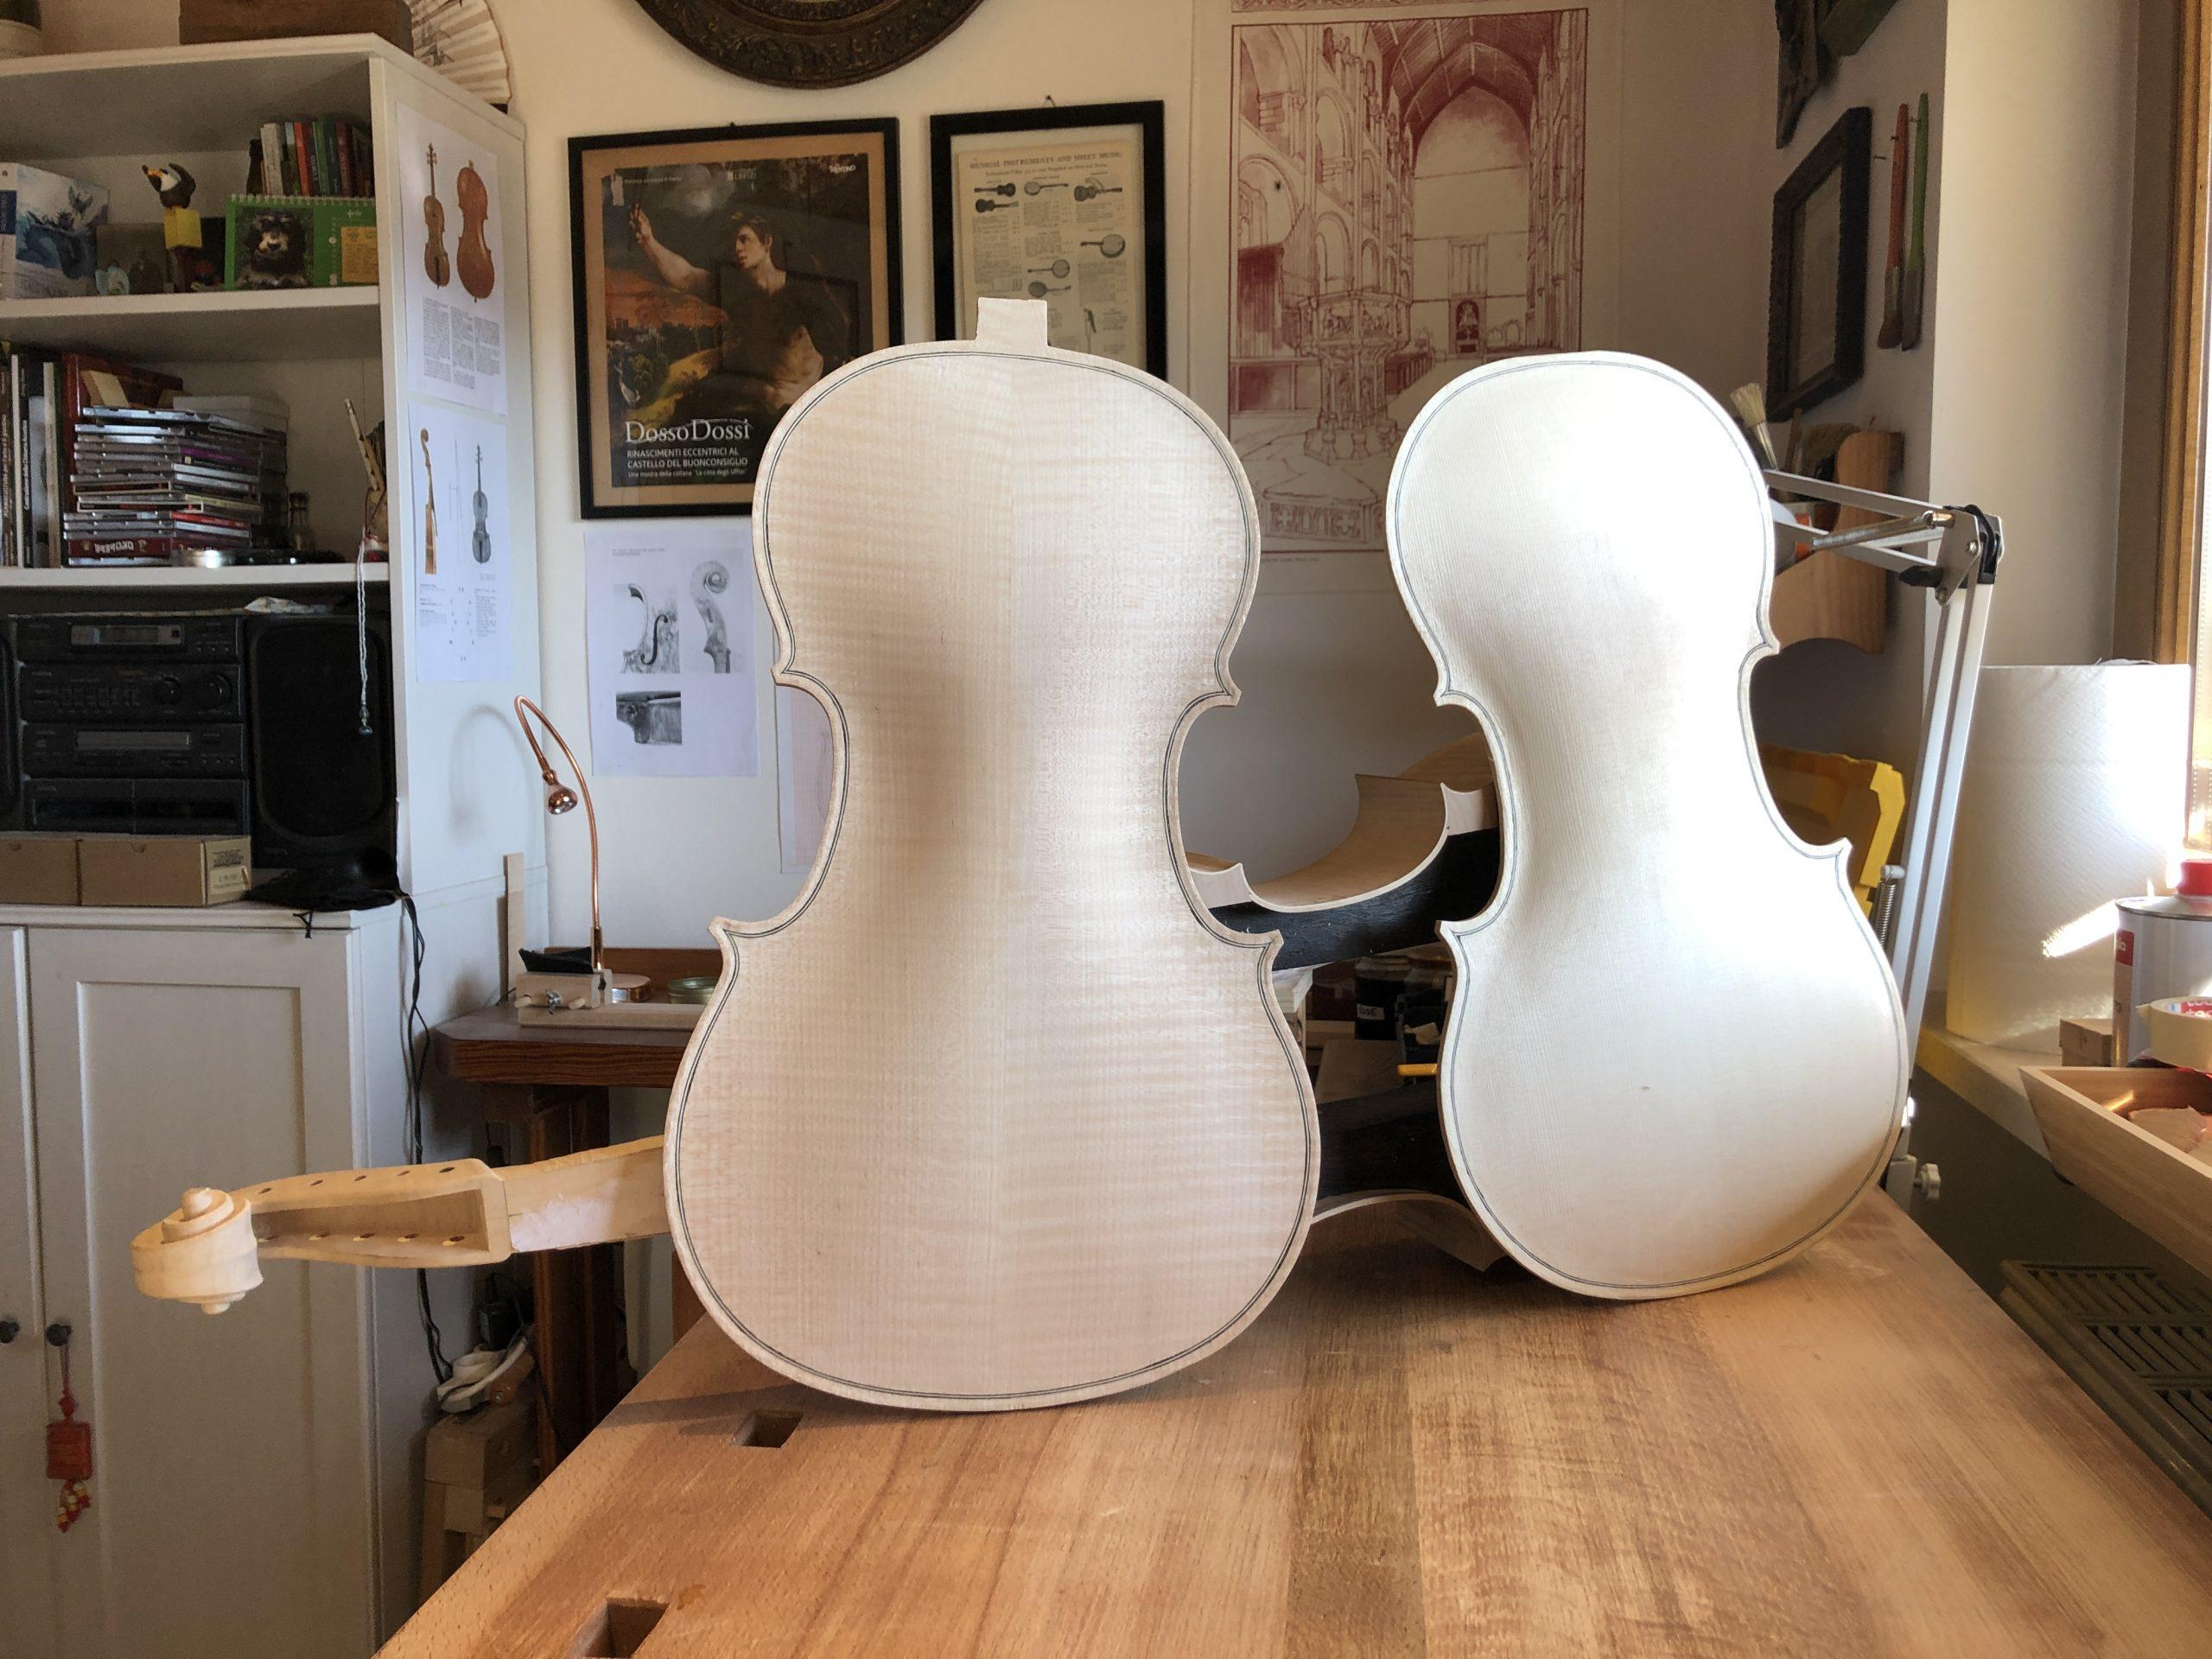 Tavola e fondo violoncello da spalla visintini gaidano